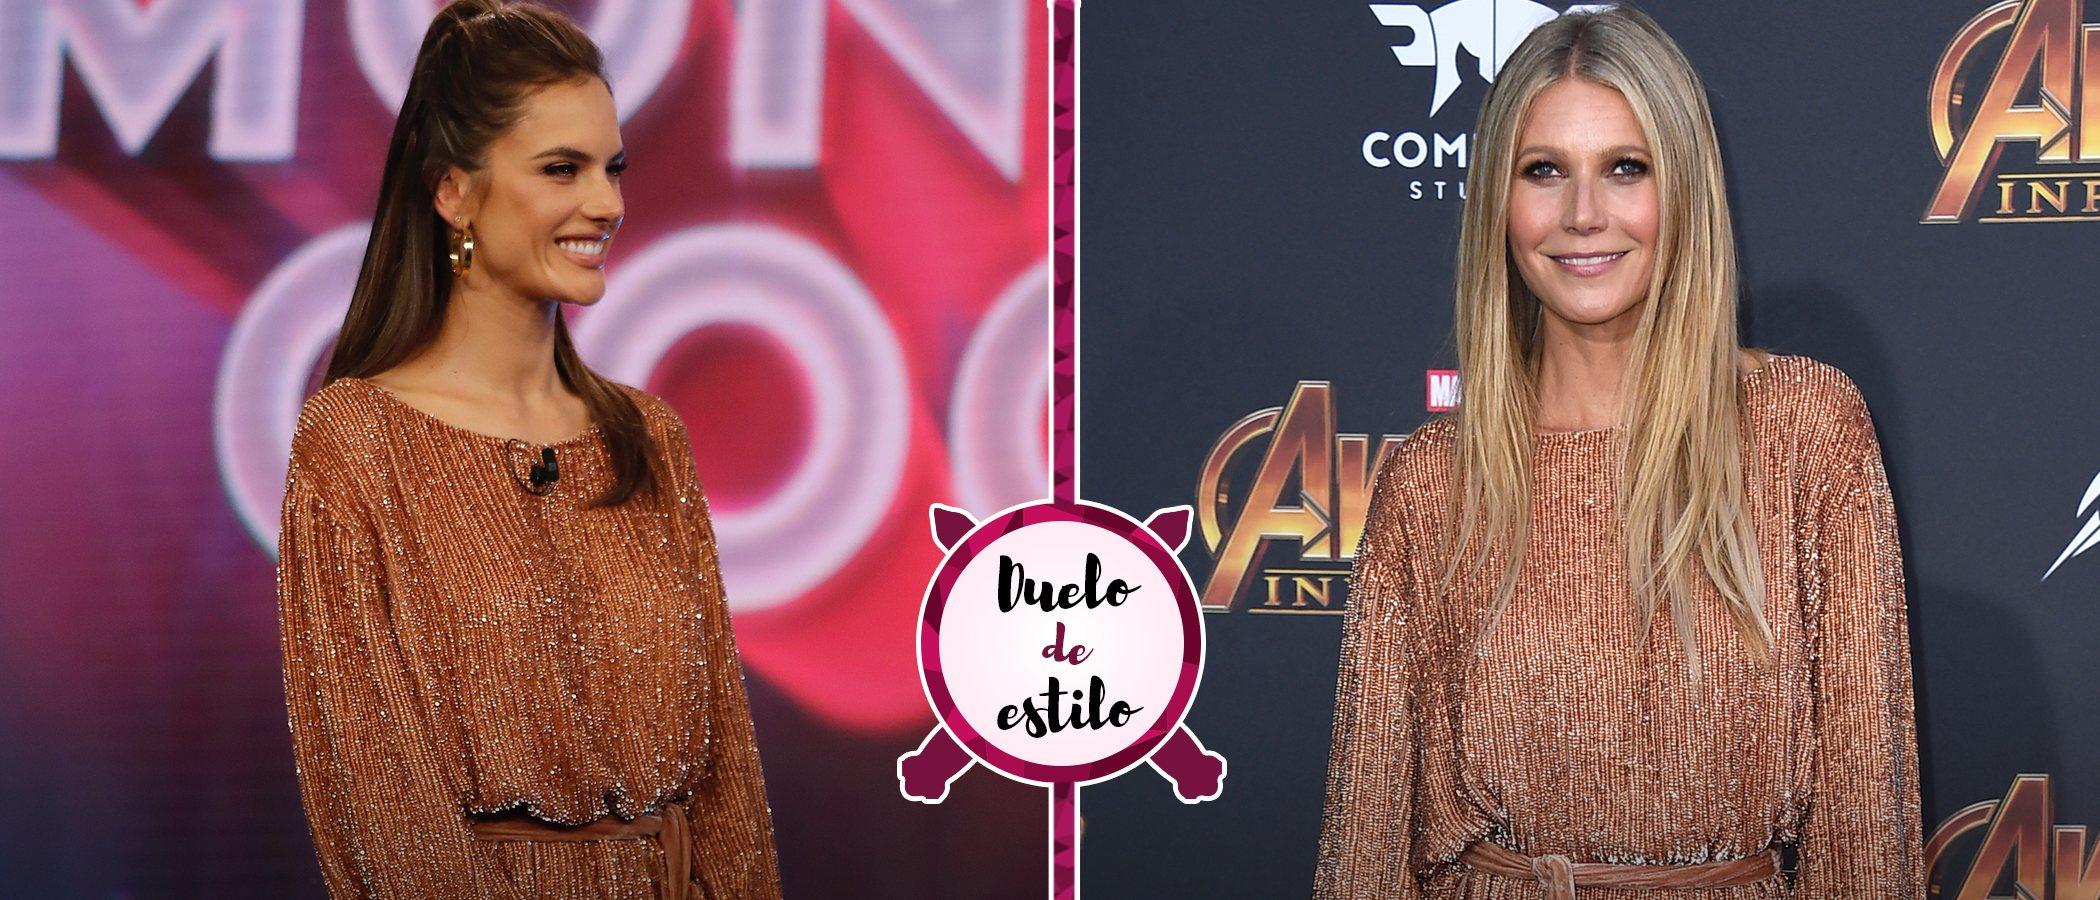 Alessandra Ambrosio y Gwyneth Paltrow apuestan por el mismo vestido pero... ¿quién lo ha lucido mejor?